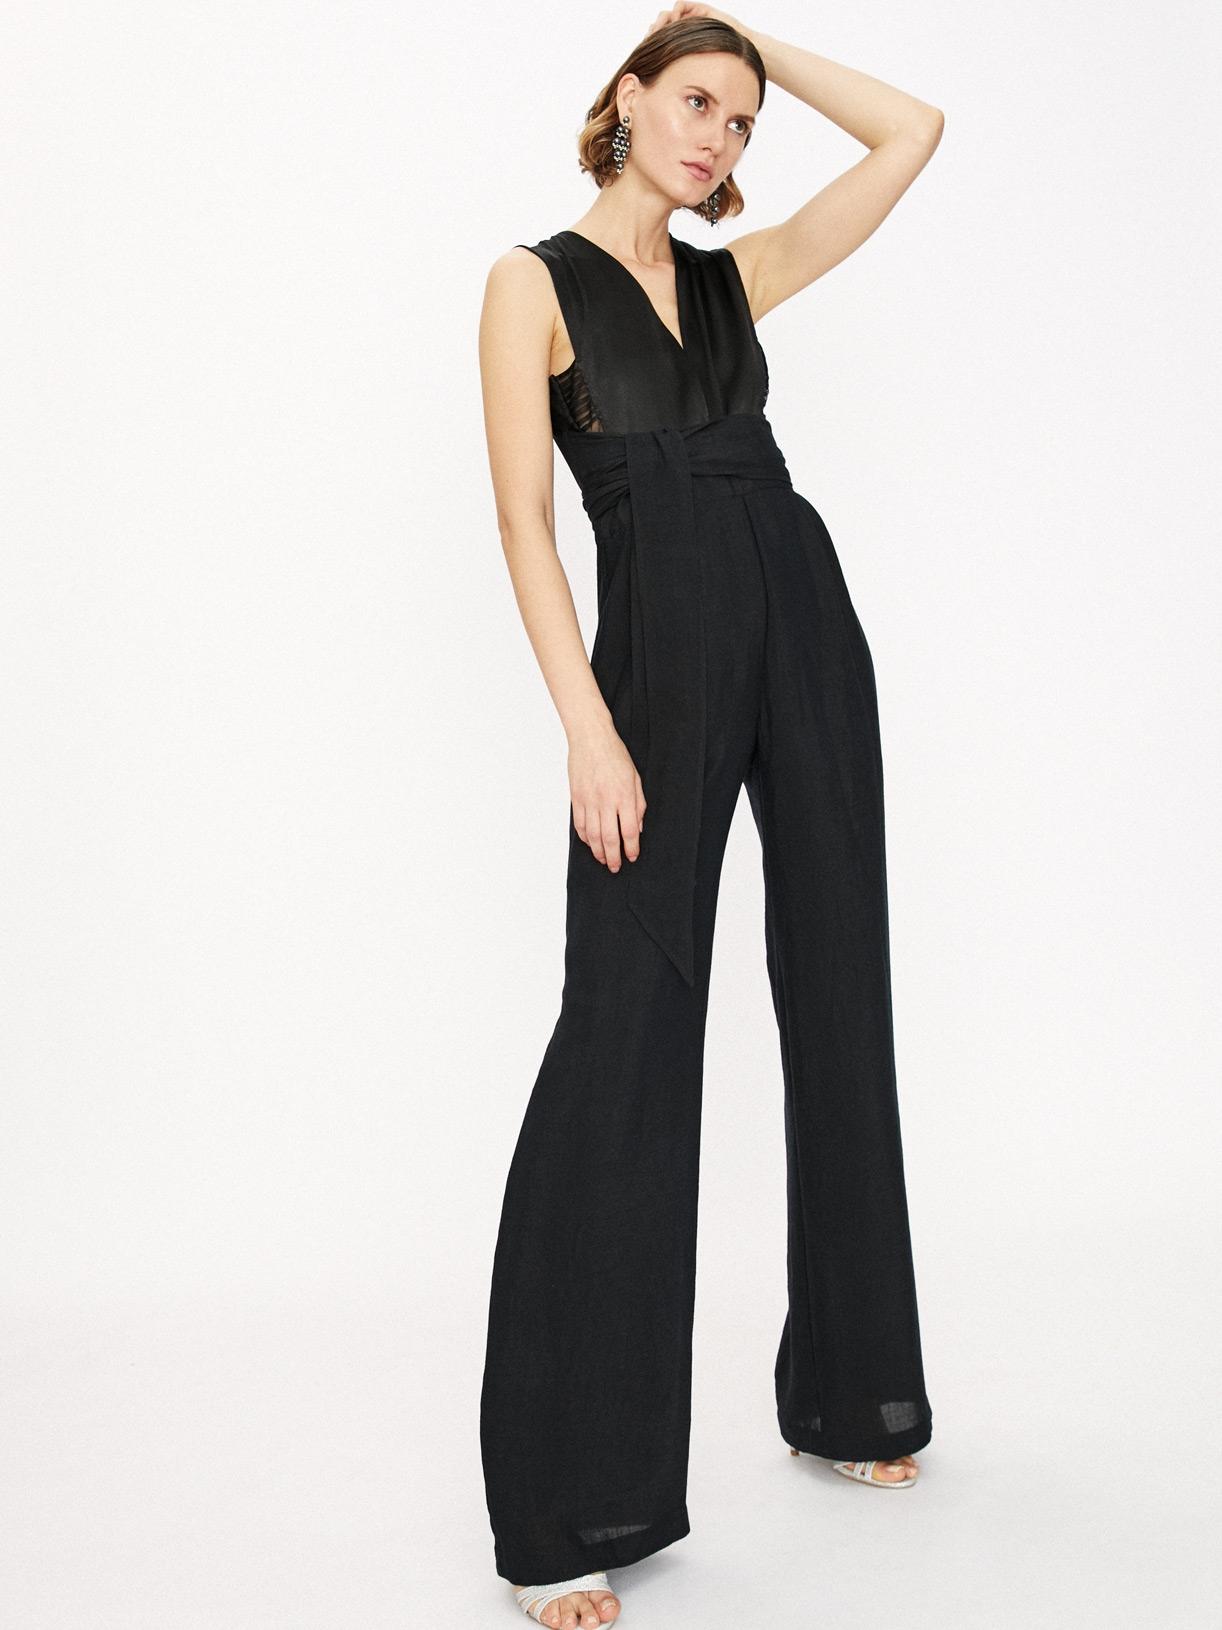 Combinaison pantalon large de soirée noire éthique et sur-mesure Sara - Myphilosophy